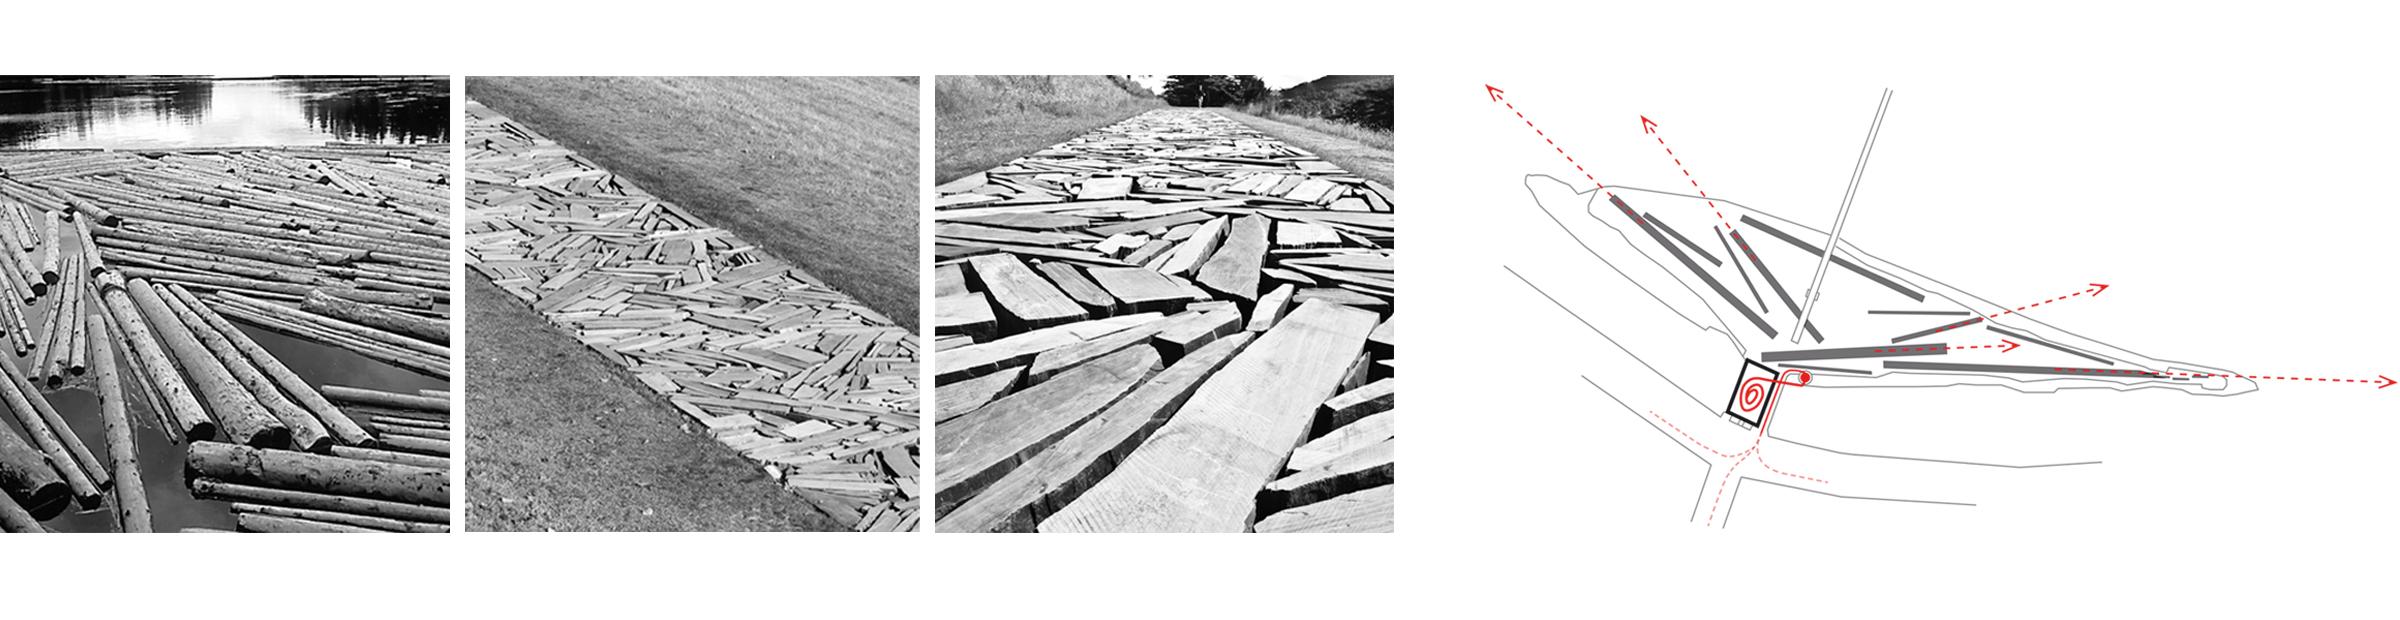 L'île Rimbaud ; Charleville-Mézières ; FORR - PAYSAGE | URBANISME ; FORR paysagiste